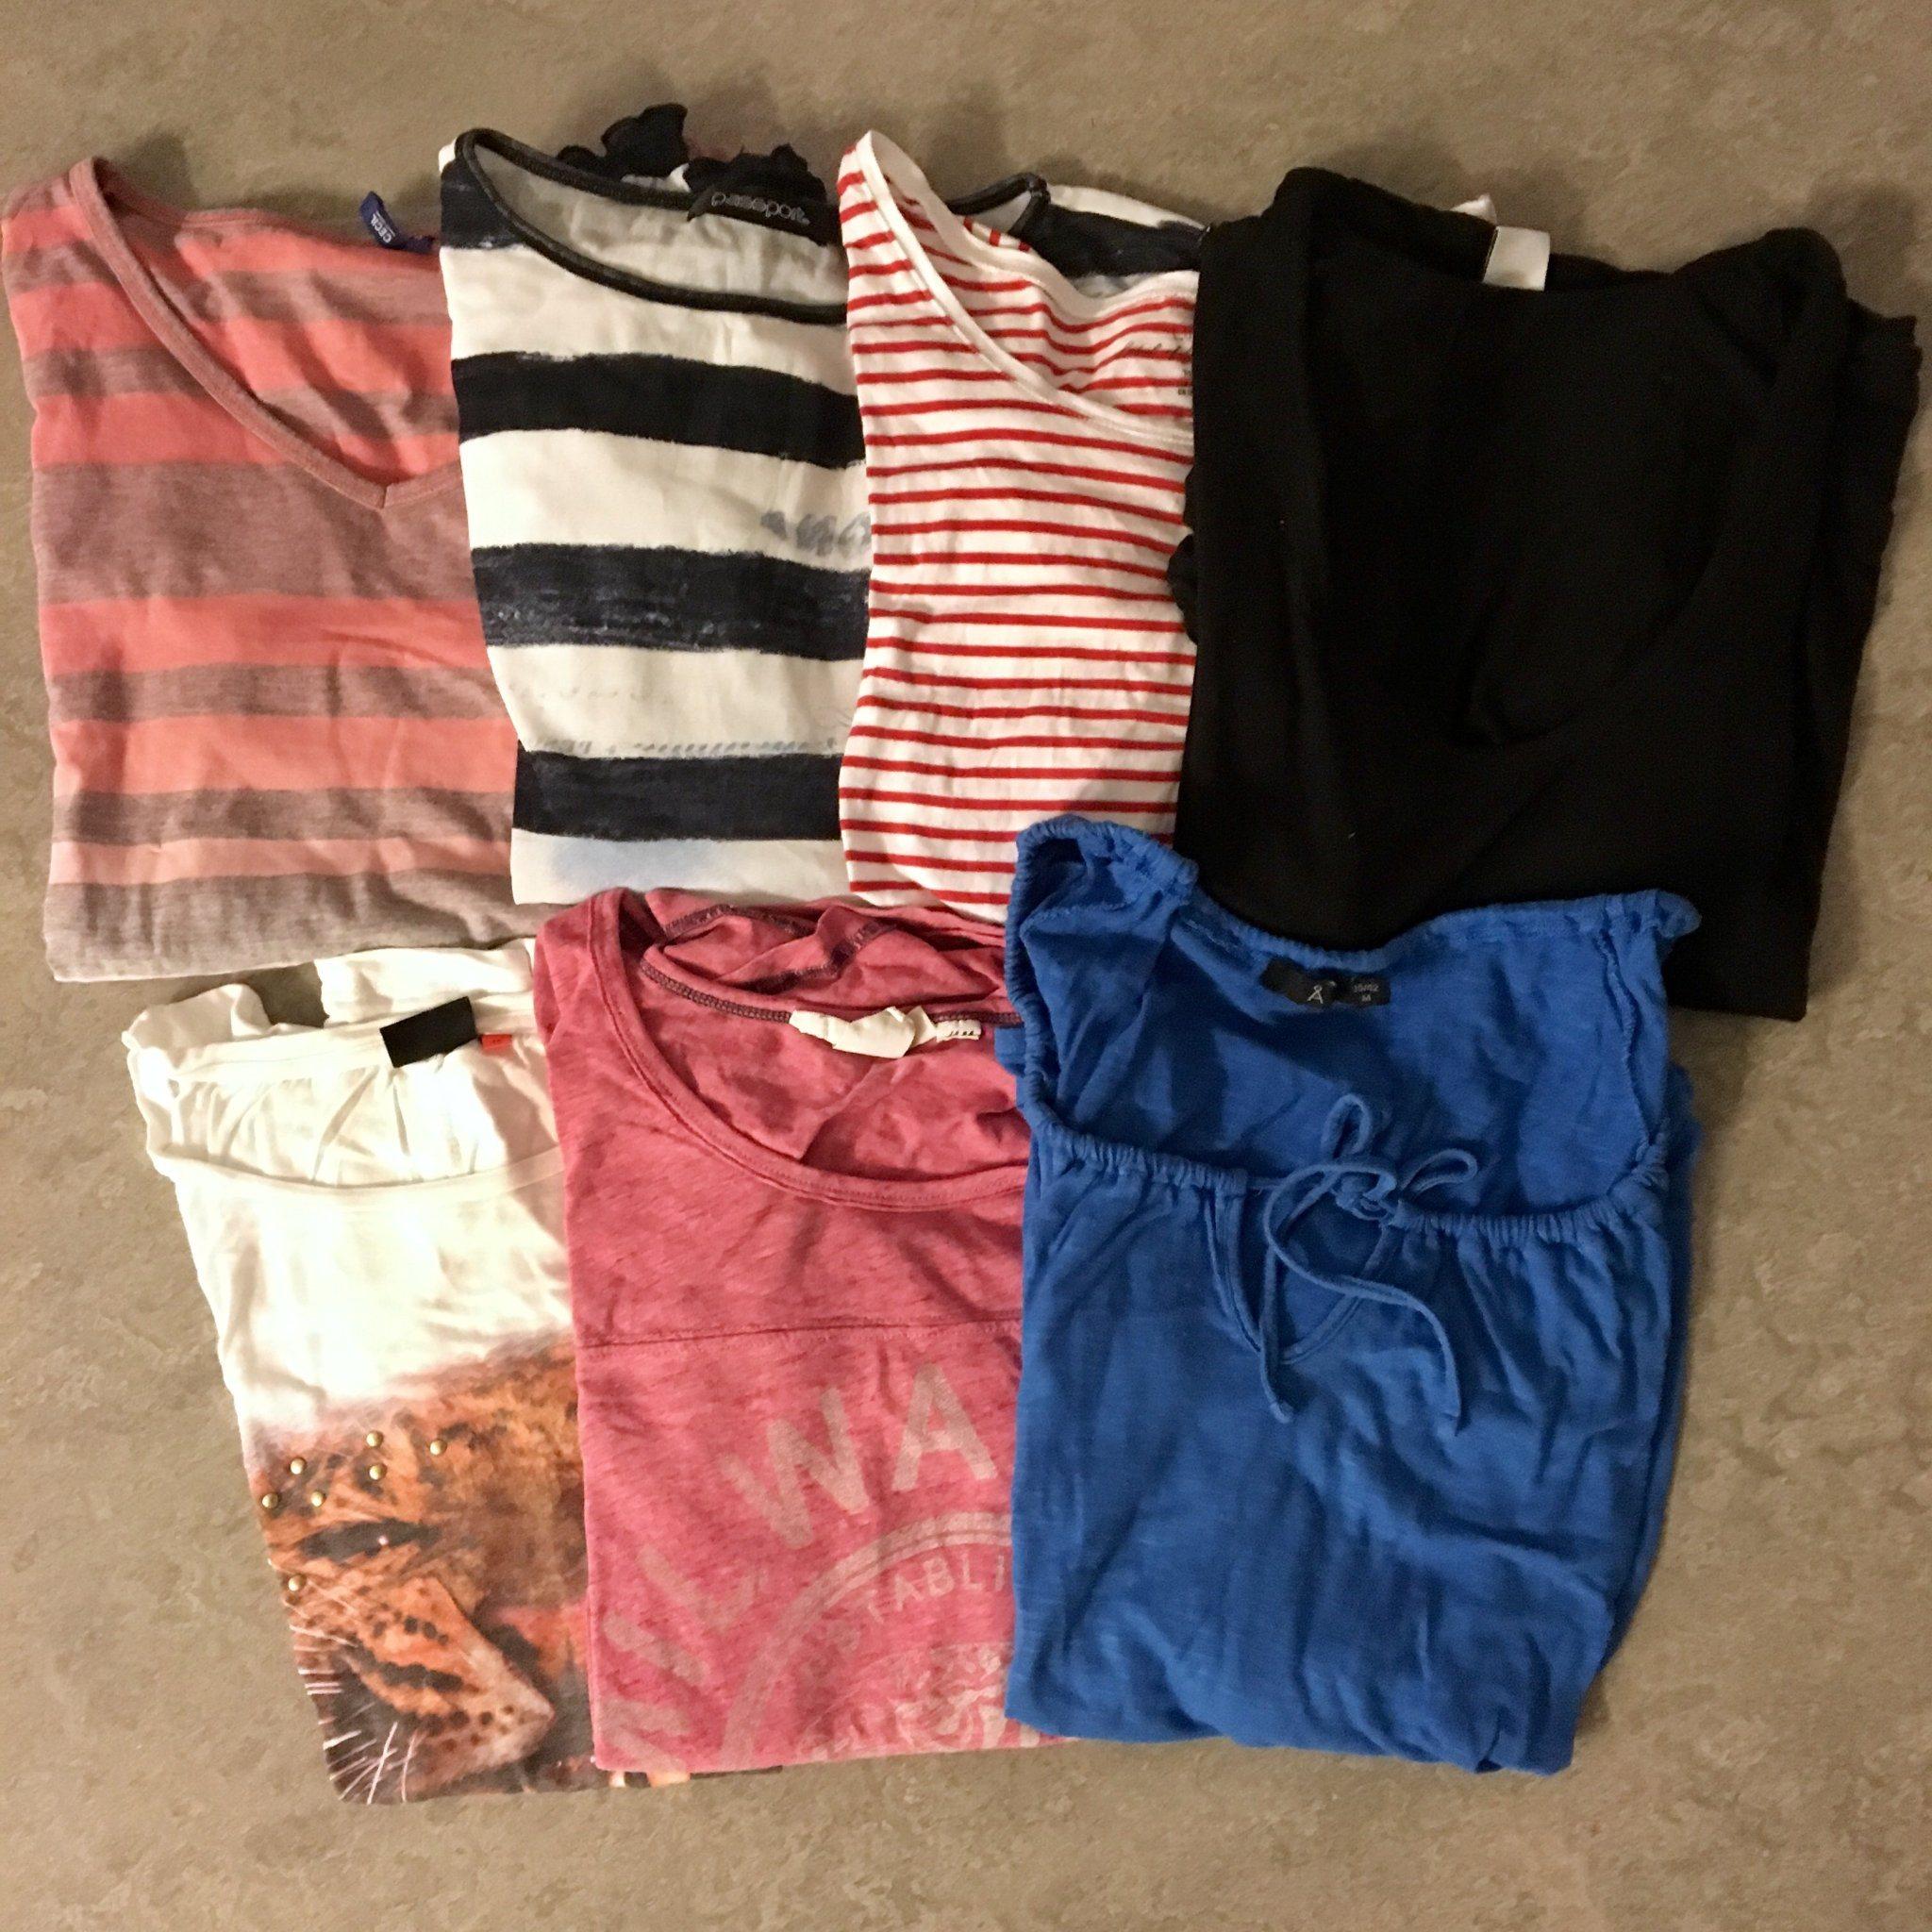 7ab22f536f71 KLÄDPAKET basic vardags toppar/t-shirts st M, H.. (342418407) ᐈ Köp ...